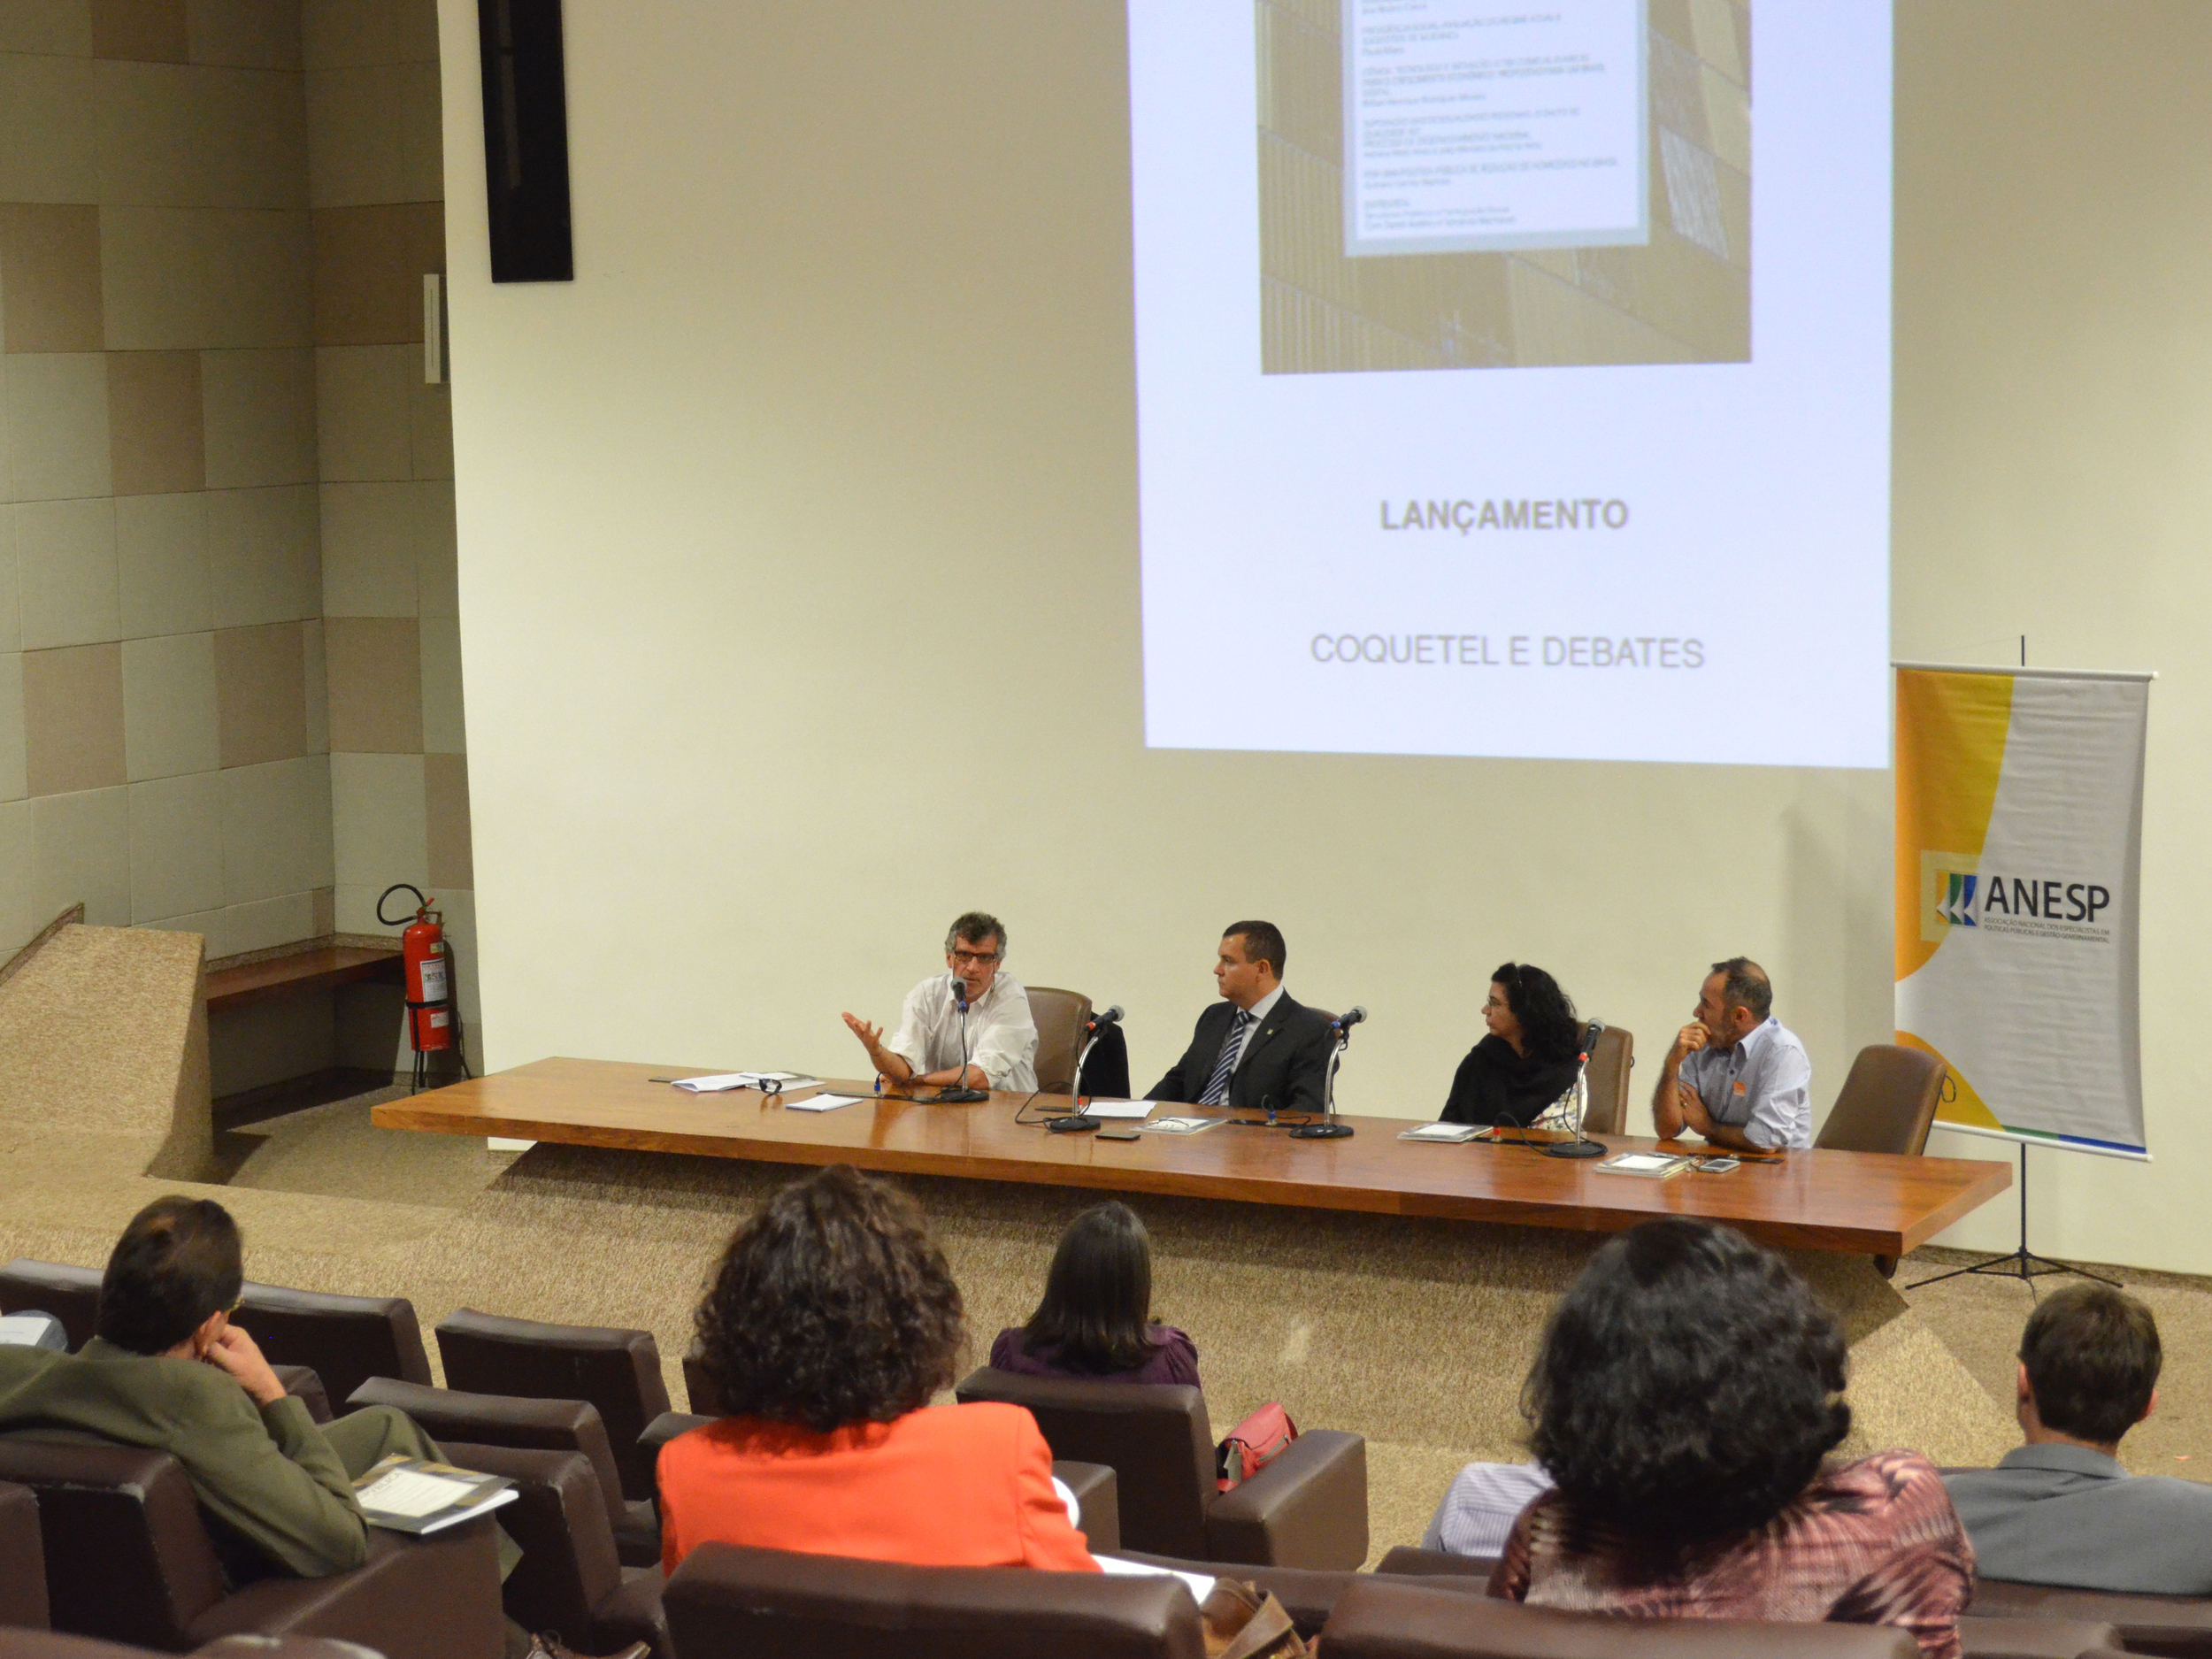 Evento de lançamento da última edição da ResPvblica foi no Palácio da Justiça. Foto: Filipe Calmon / ANESP